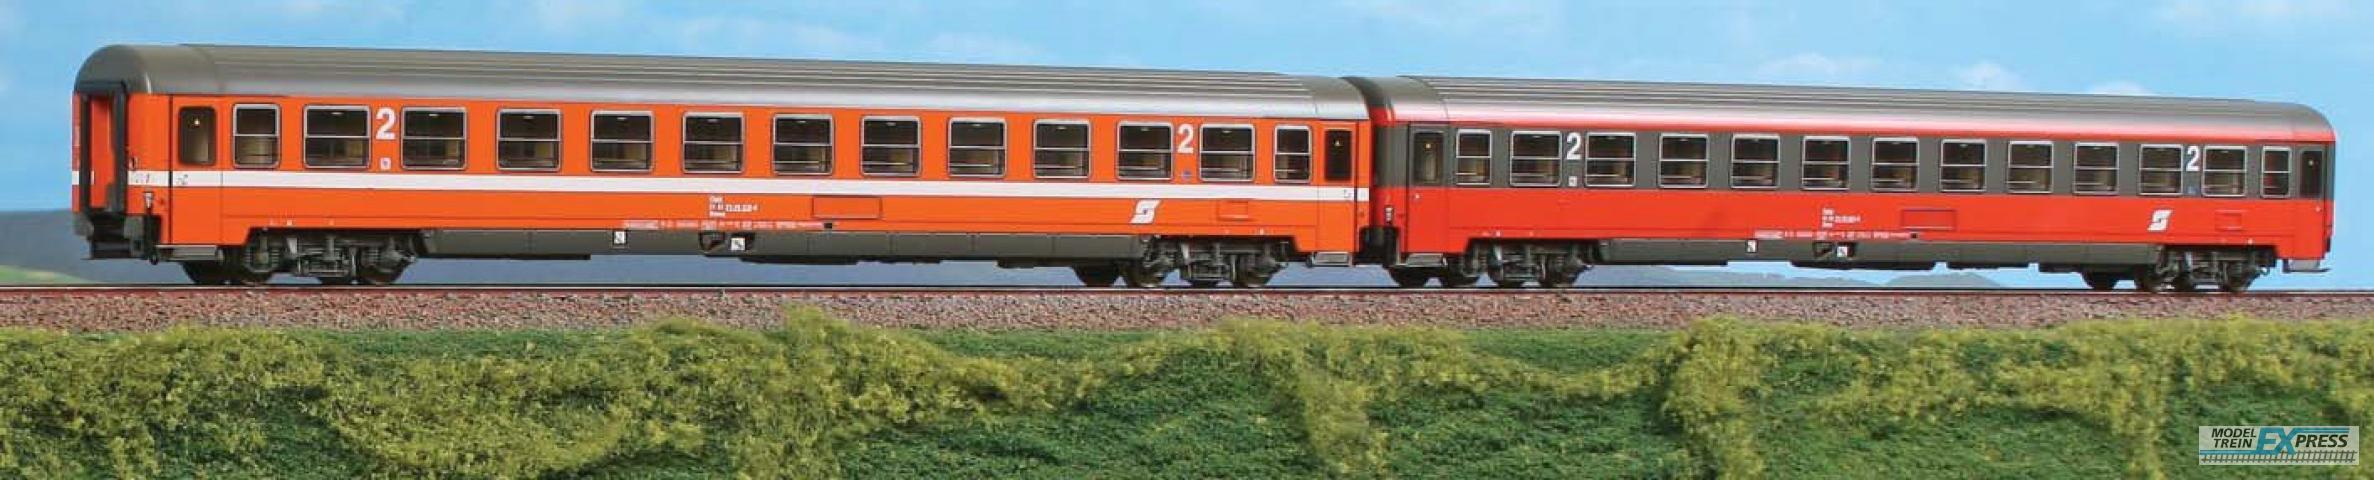 ACME 55180